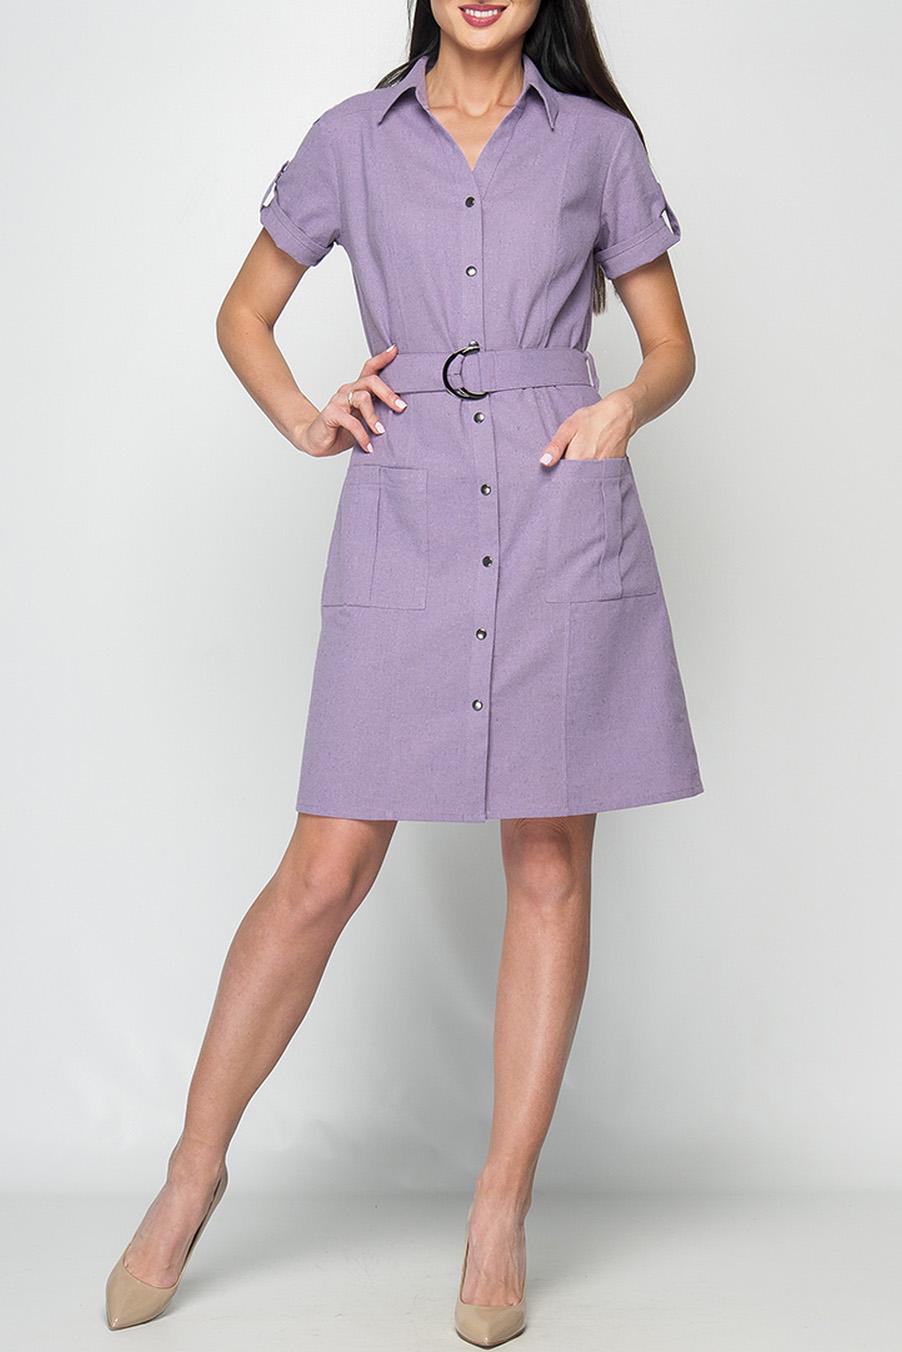 ПлатьеПлатья<br>Женское платье прямого силуэта, воротник оформлен в рубашечном стиле на стойке, накладные карманы, по центру изделия кнопки-пуговицы. Платье без пояса.  Параметры изделия:  44 размер: обхват груди - 100 см, обхват бедер - 104 см, длина рукава - 21 см, длина изделия - 95 см;  52 размер: обхват груди - 118 см, обхват бедер - 120 см, длина рукава - 22 см, длина изделия - 107 см.  Цвет: сиреневый  Рост девушки-фотомодели 175 см<br><br>Воротник: Рубашечный<br>По длине: До колена<br>По материалу: Лен<br>По рисунку: Однотонные<br>По стилю: Повседневный стиль,Сафари,Кэжуал,Летний стиль<br>По элементам: С карманами,С отделочной фурнитурой,С патами<br>Рукав: Короткий рукав<br>По сезону: Лето<br>По силуэту: Полуприталенные<br>По форме: Платье - трапеция<br>Размер : 42<br>Материал: Лен<br>Количество в наличии: 1